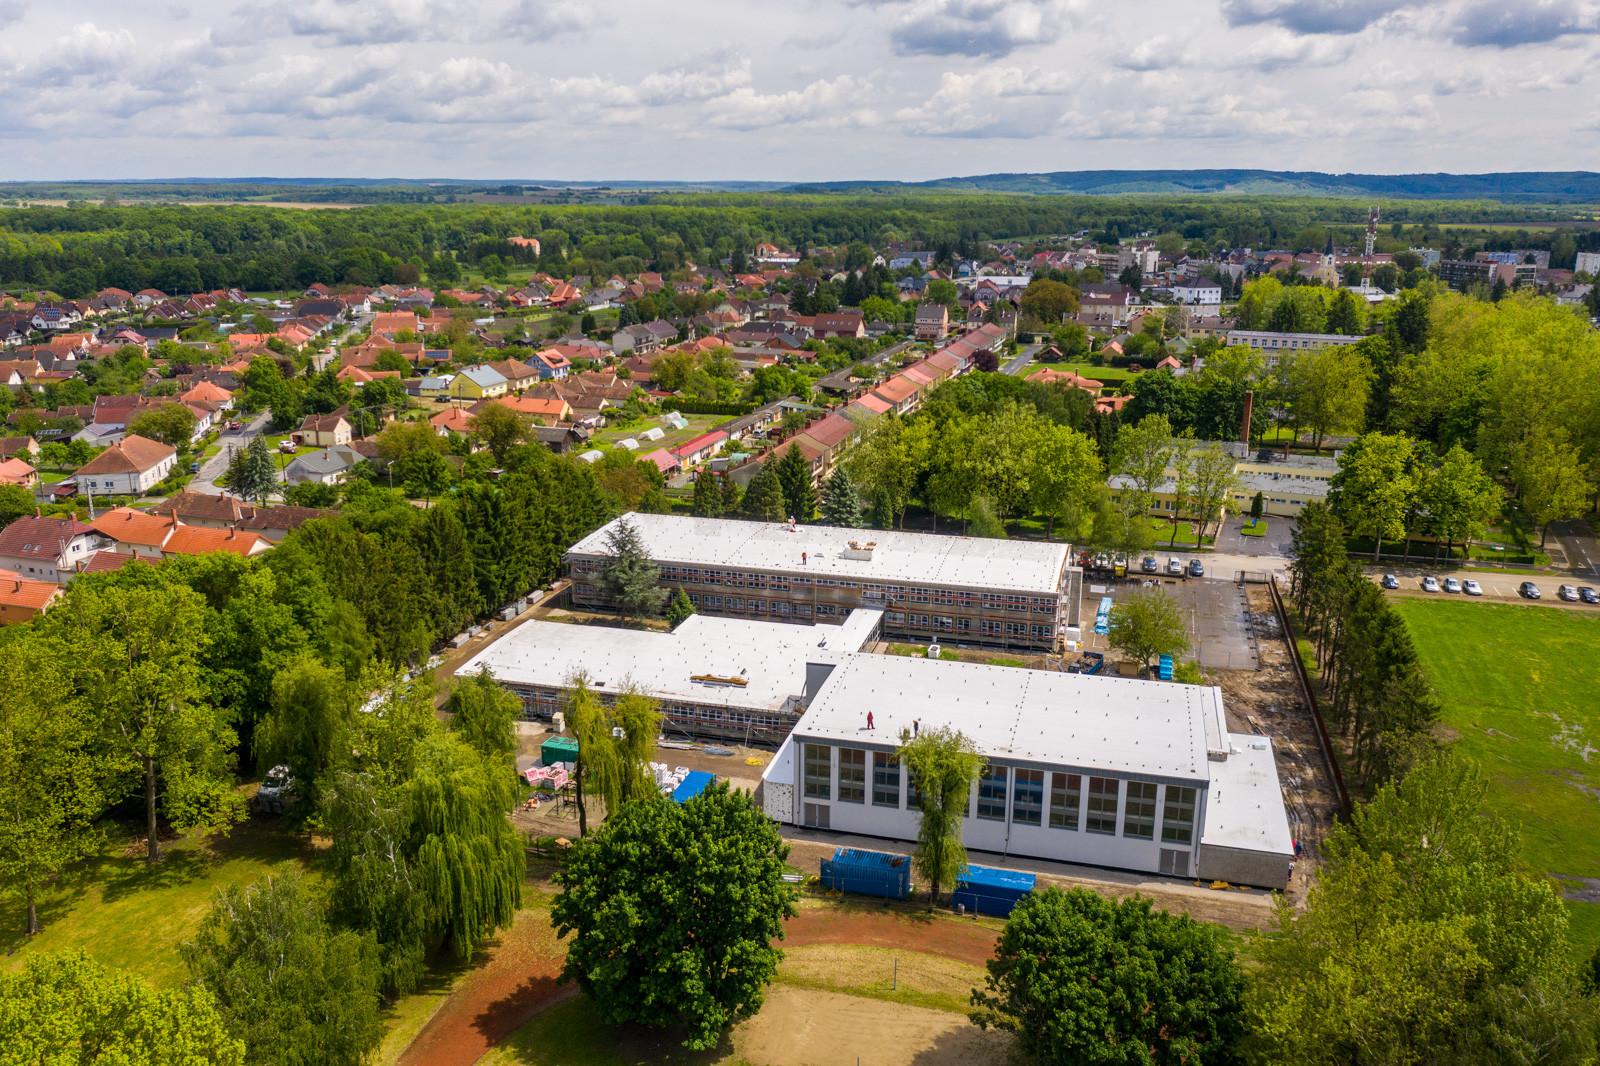 Így újul meg a határmenti város iskolája